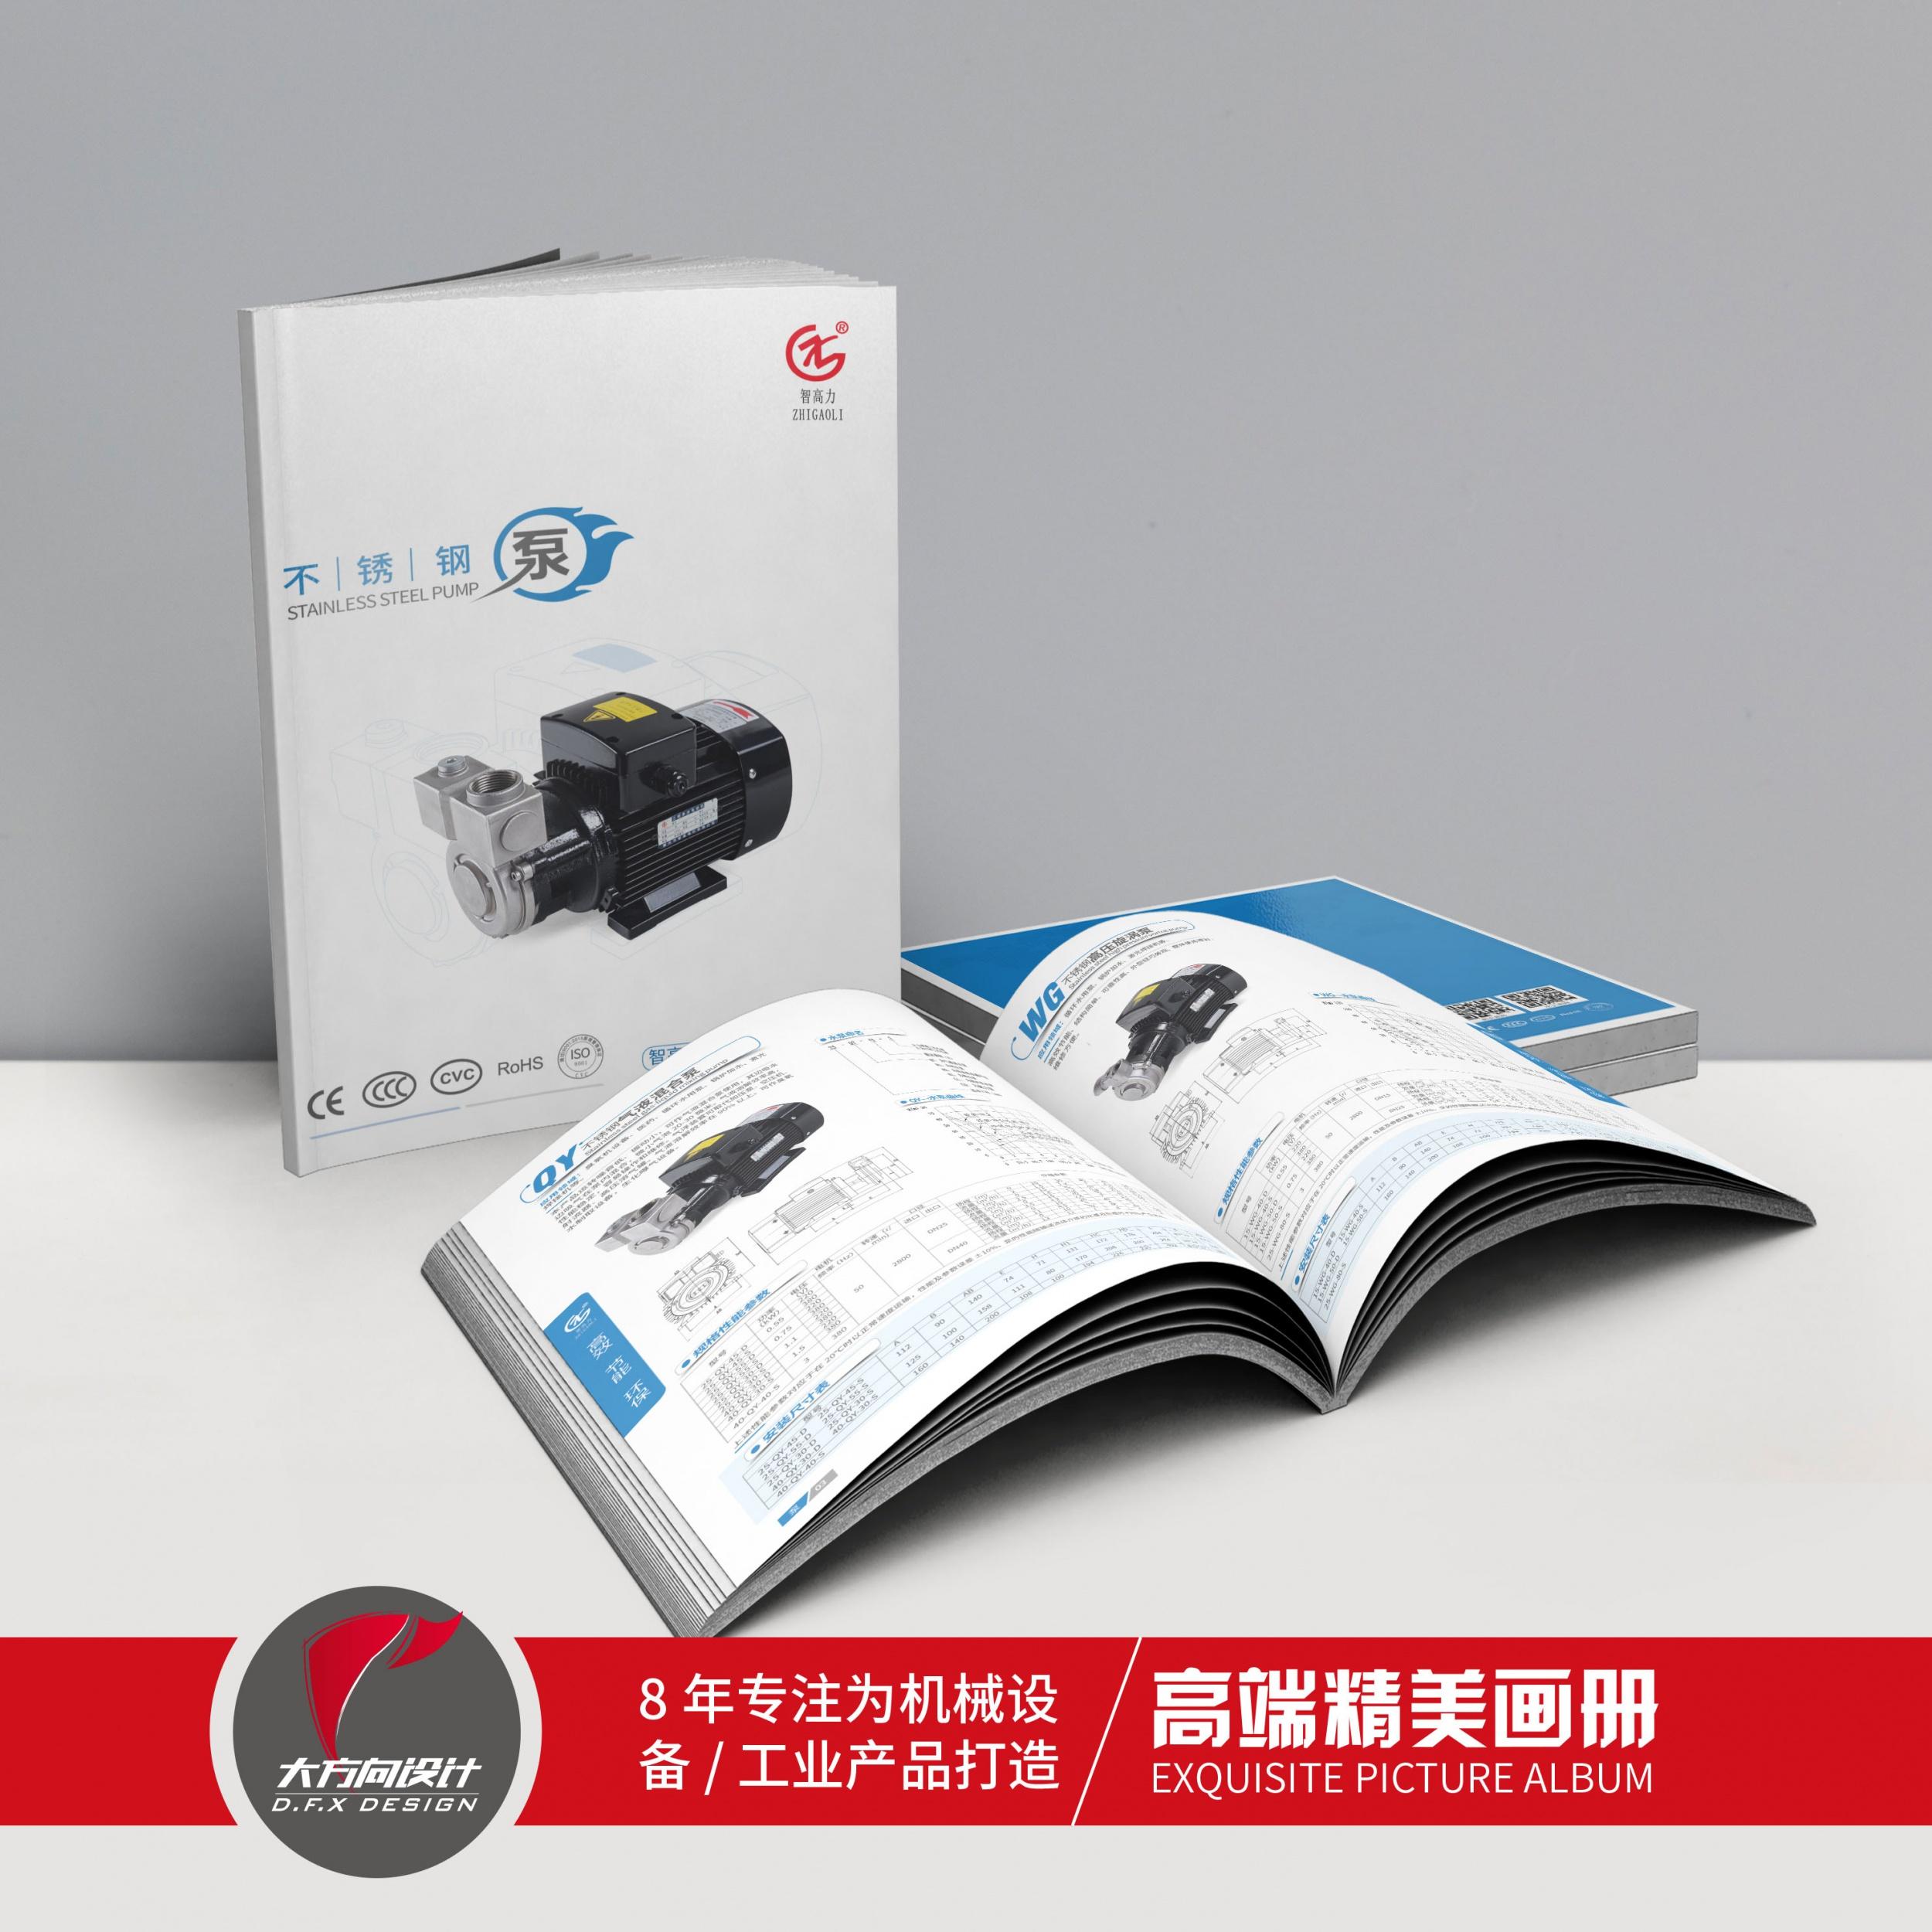 肇慶市智高電機有限公司